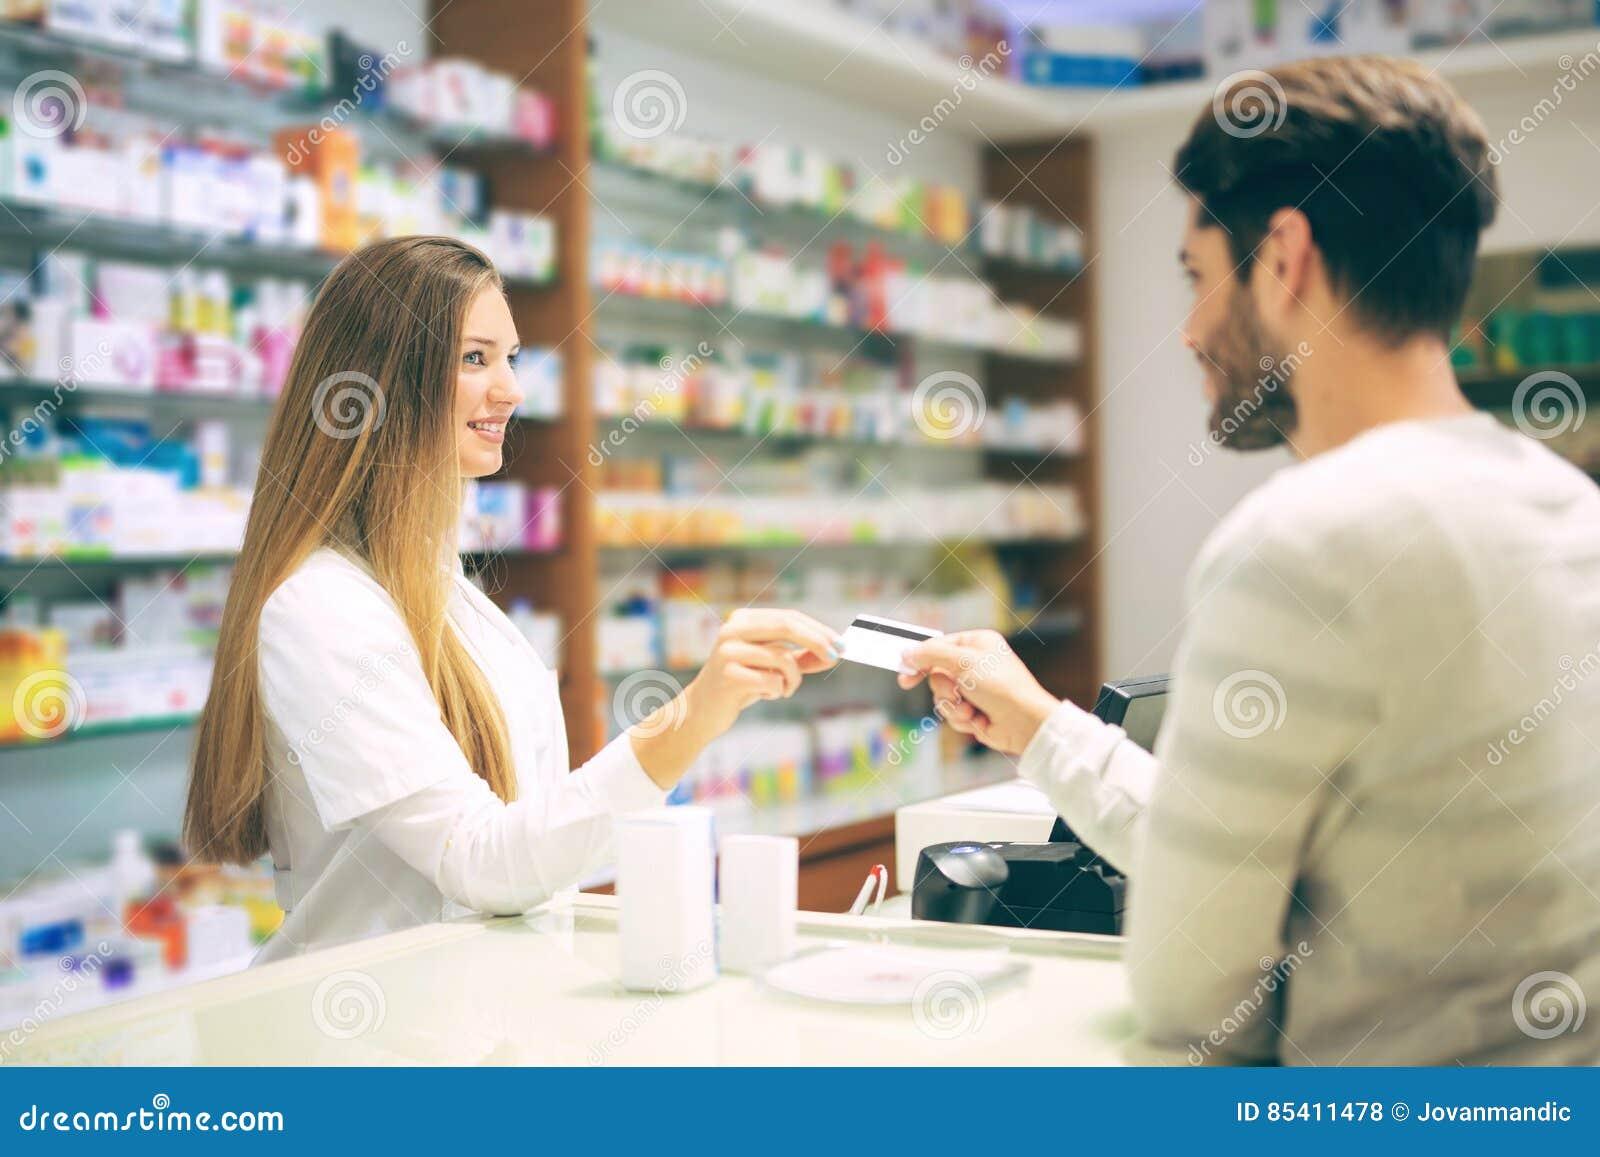 Πεπειραμένος φαρμακοποιός που συμβουλεύει τον αρσενικό πελάτη στο φαρμακείο